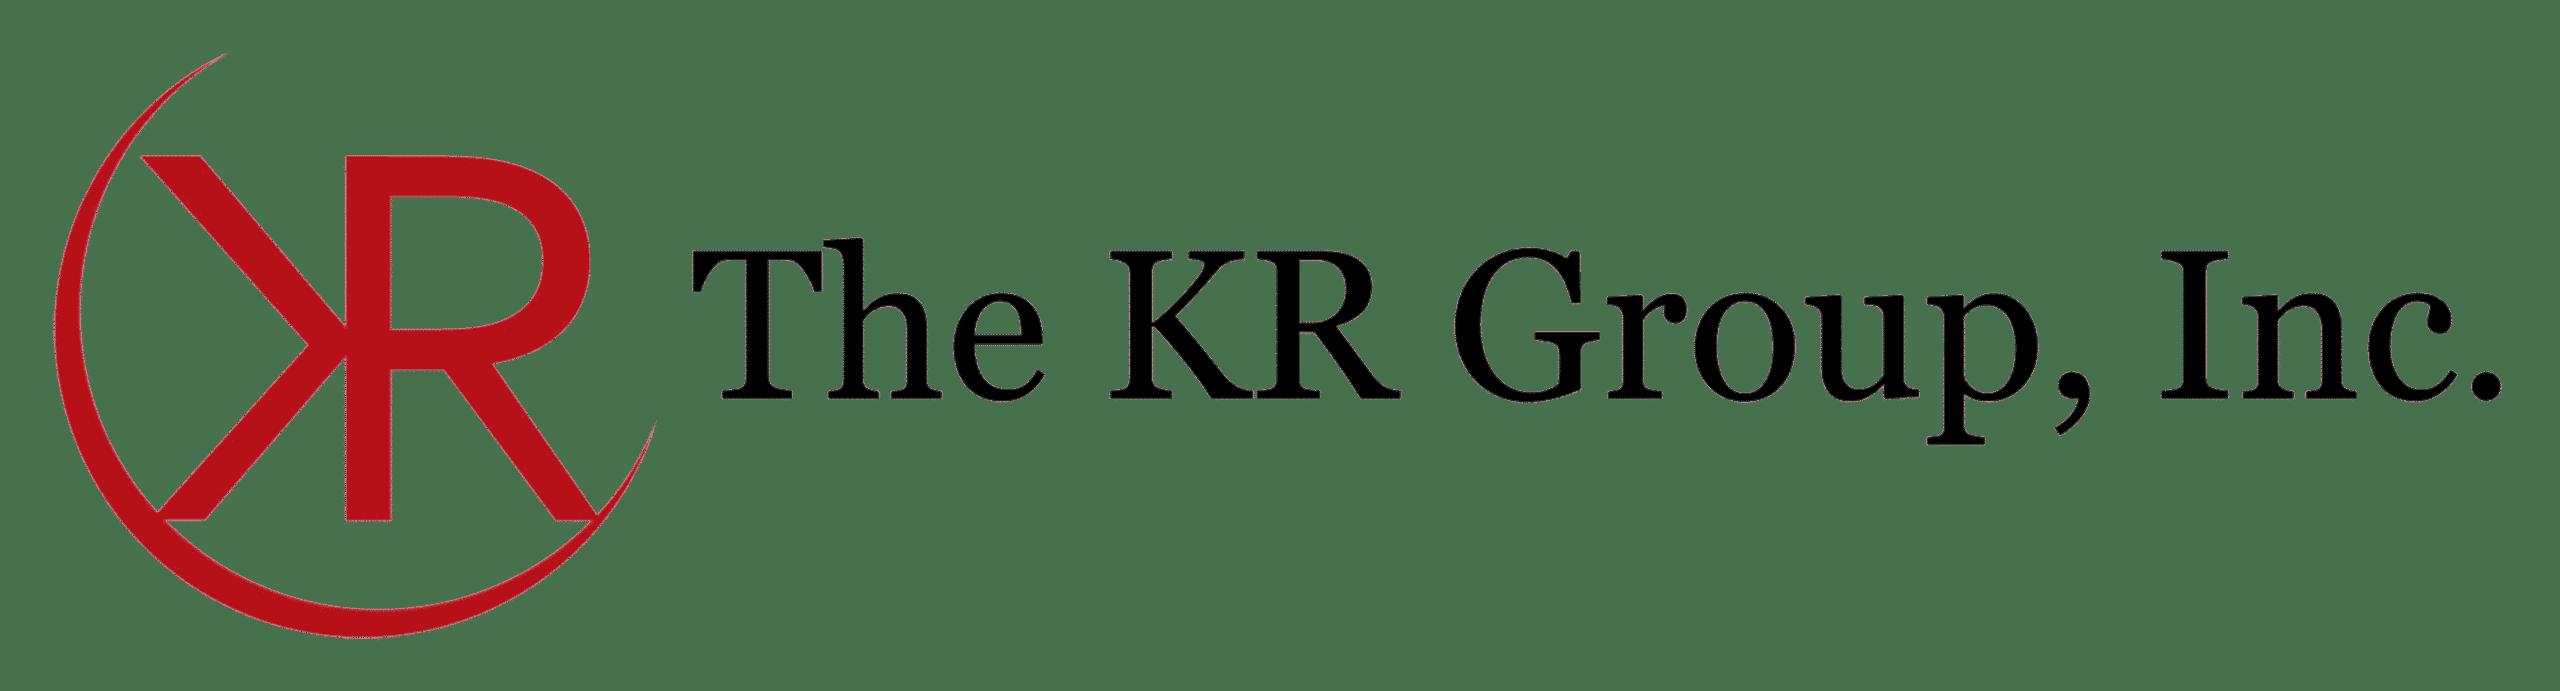 The KR Group, Inc.